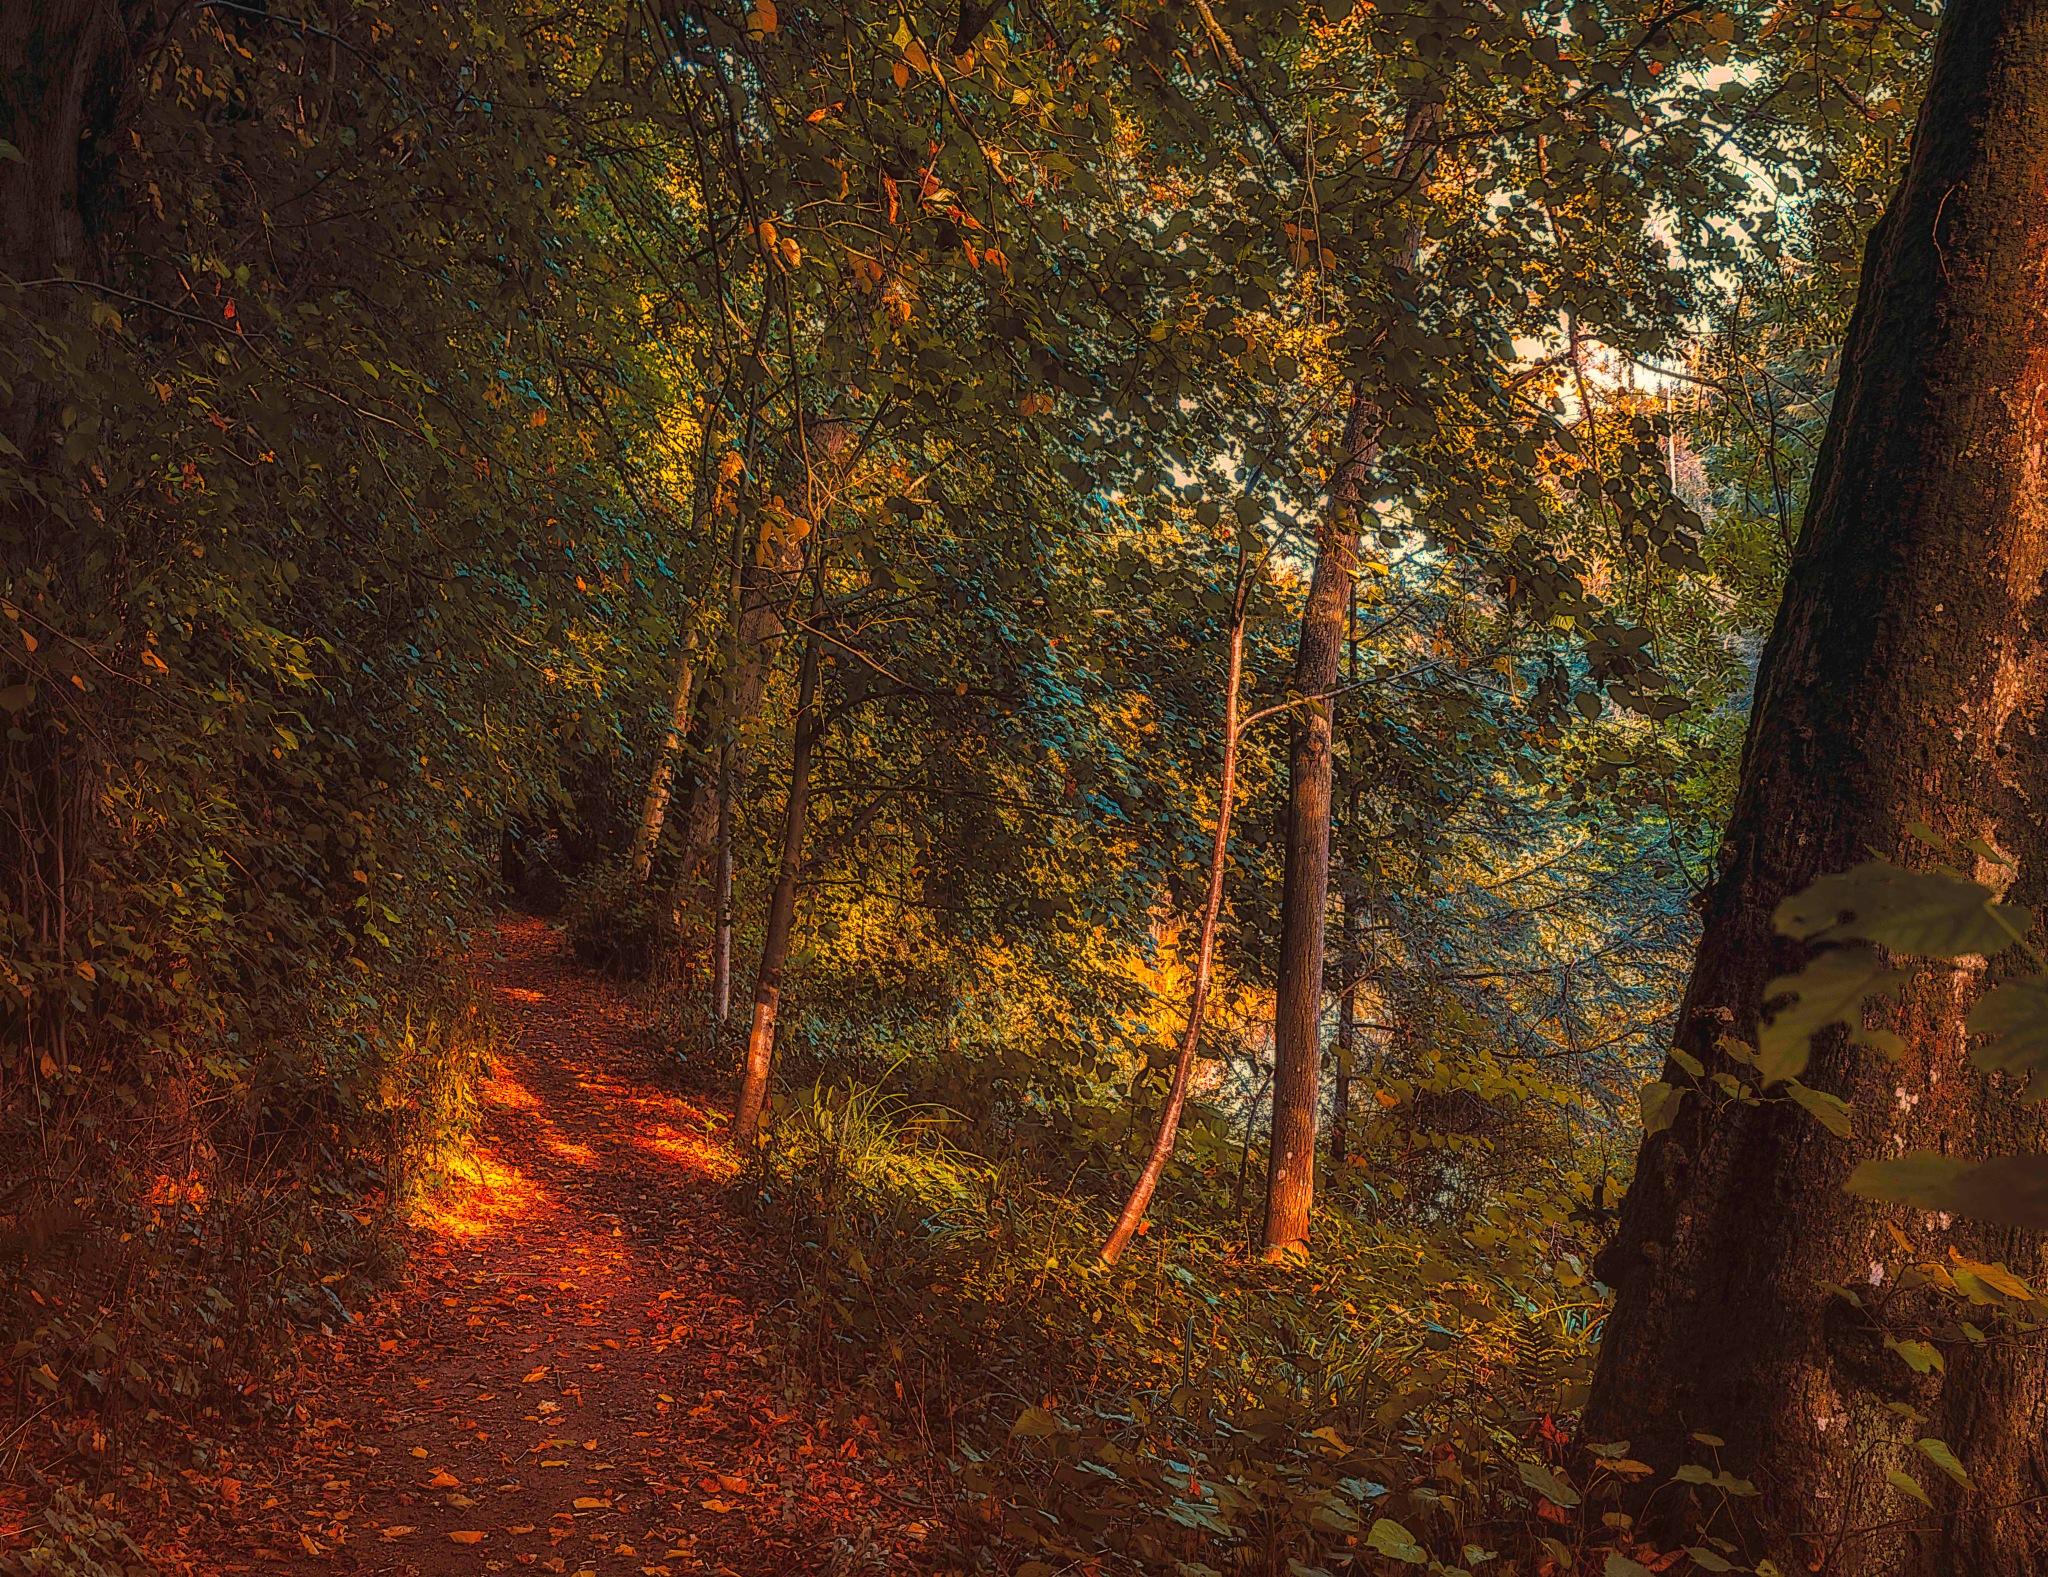 Autumn Path by David Drummond